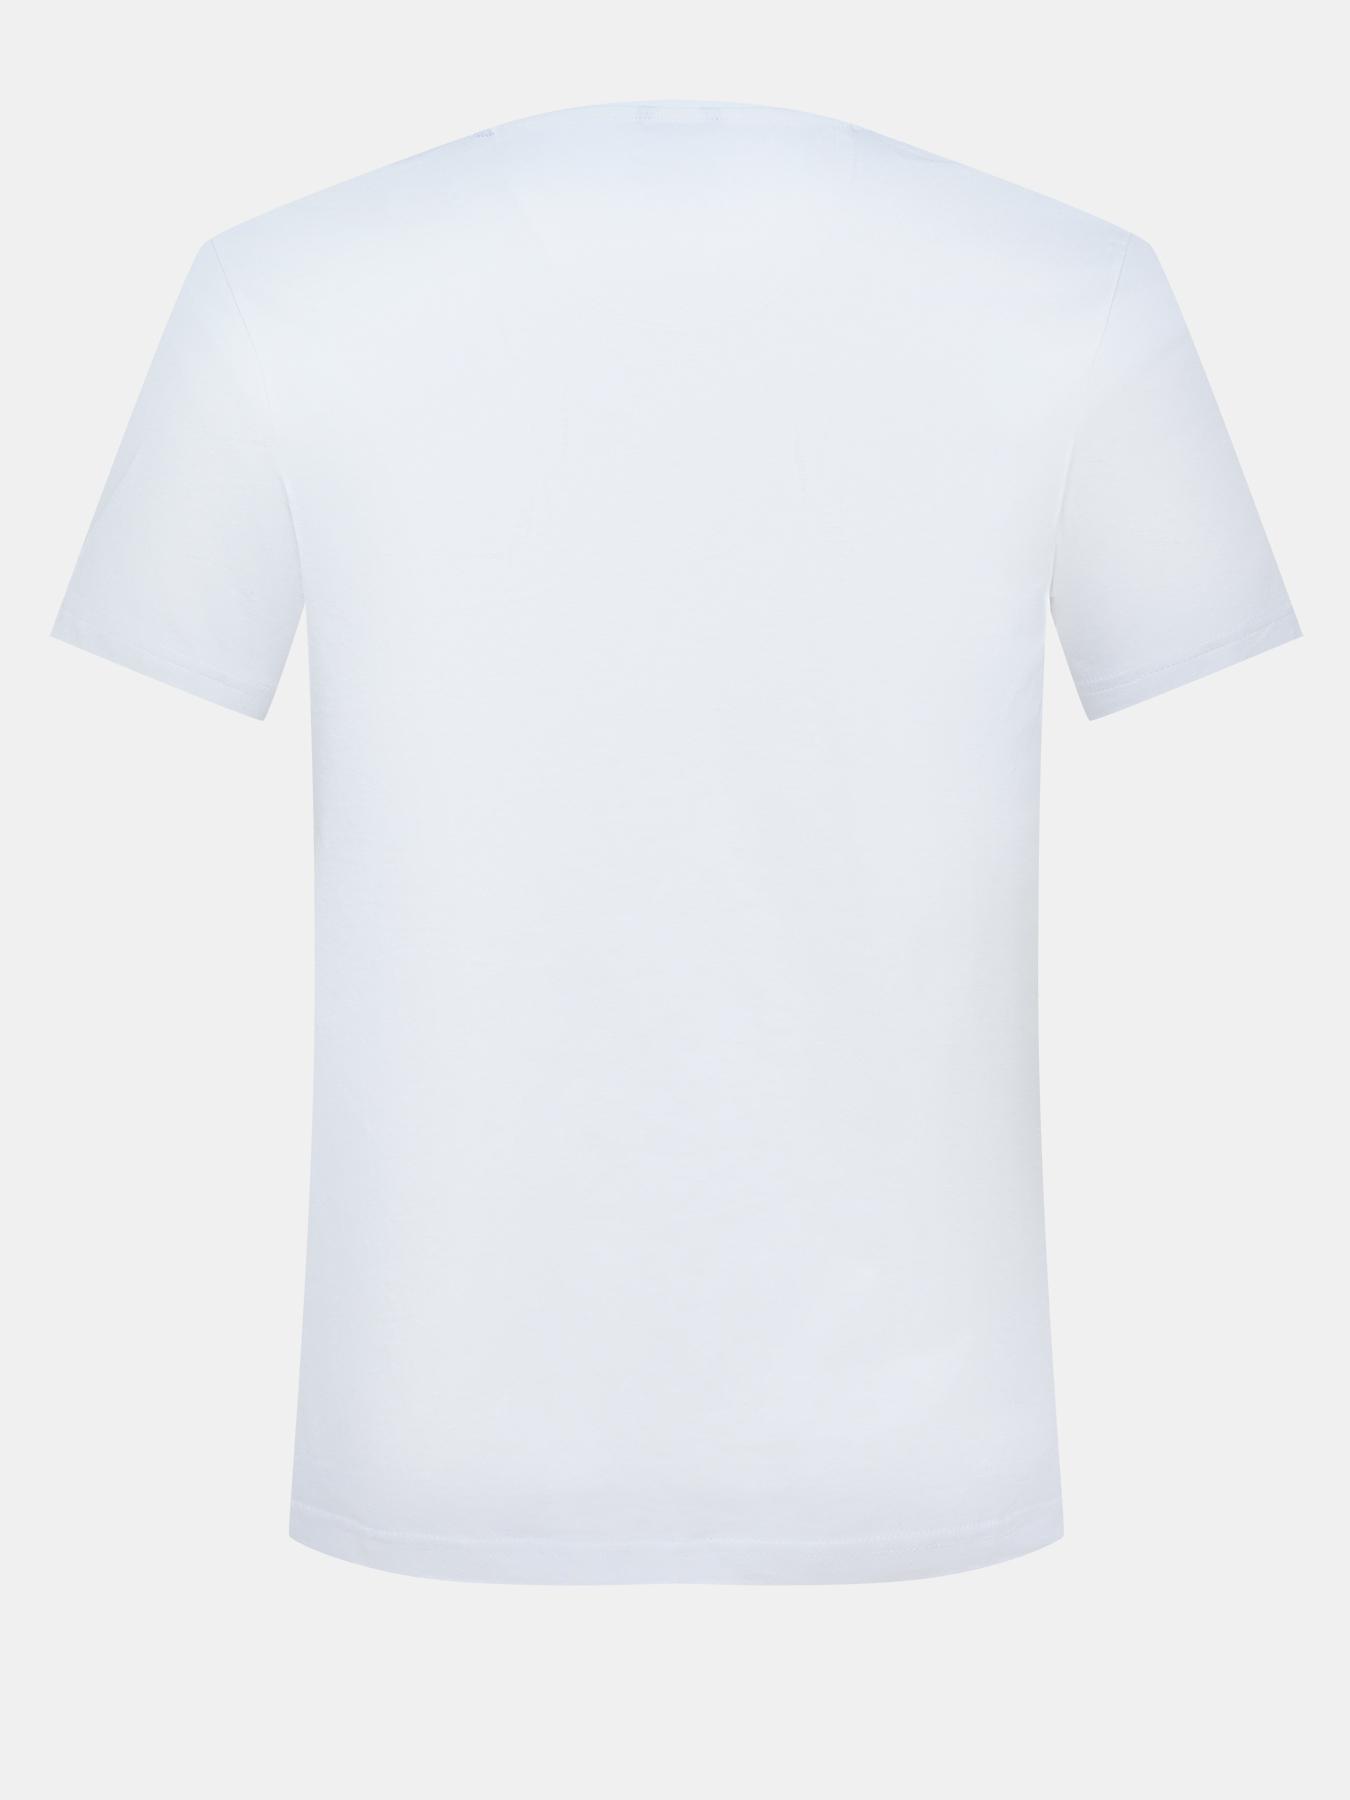 Фуфайка (футболка) Pierre Cardin Футболка туфли pierre cardin pierre cardin mp002xw1ie2z